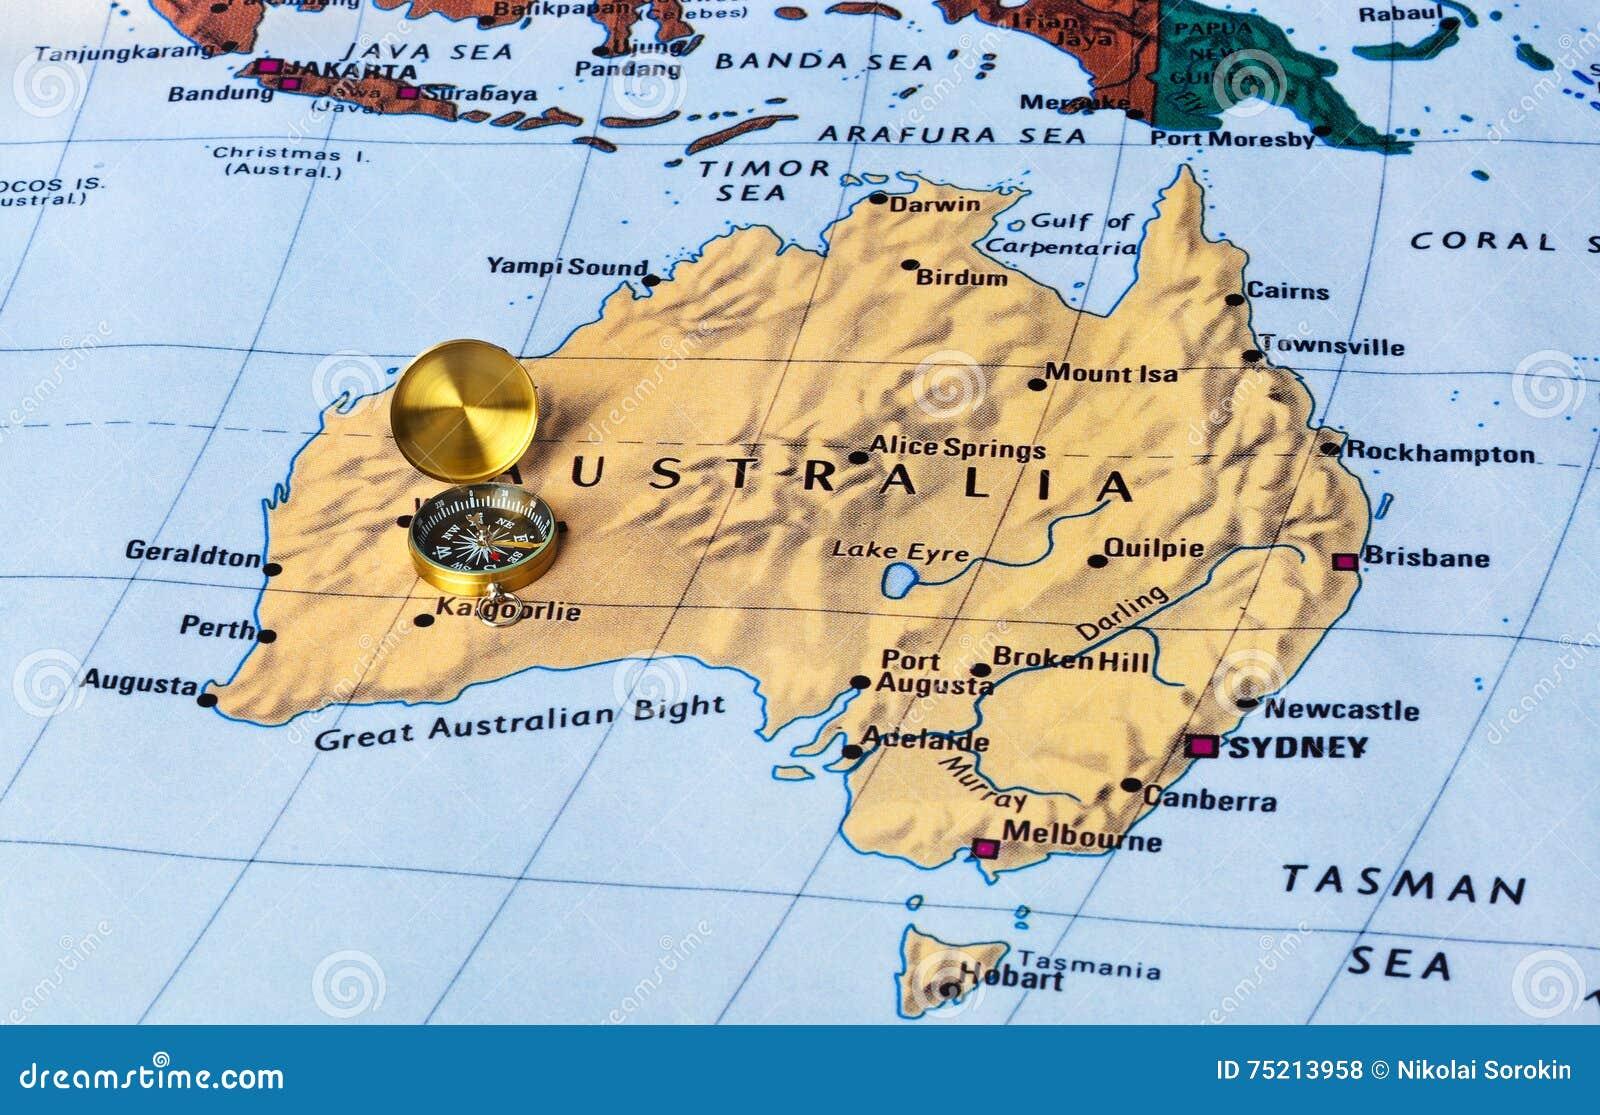 Karte Australien Und Umgebung.Australien Karte Und Kompaß Stockfoto Bild Von Umgebung